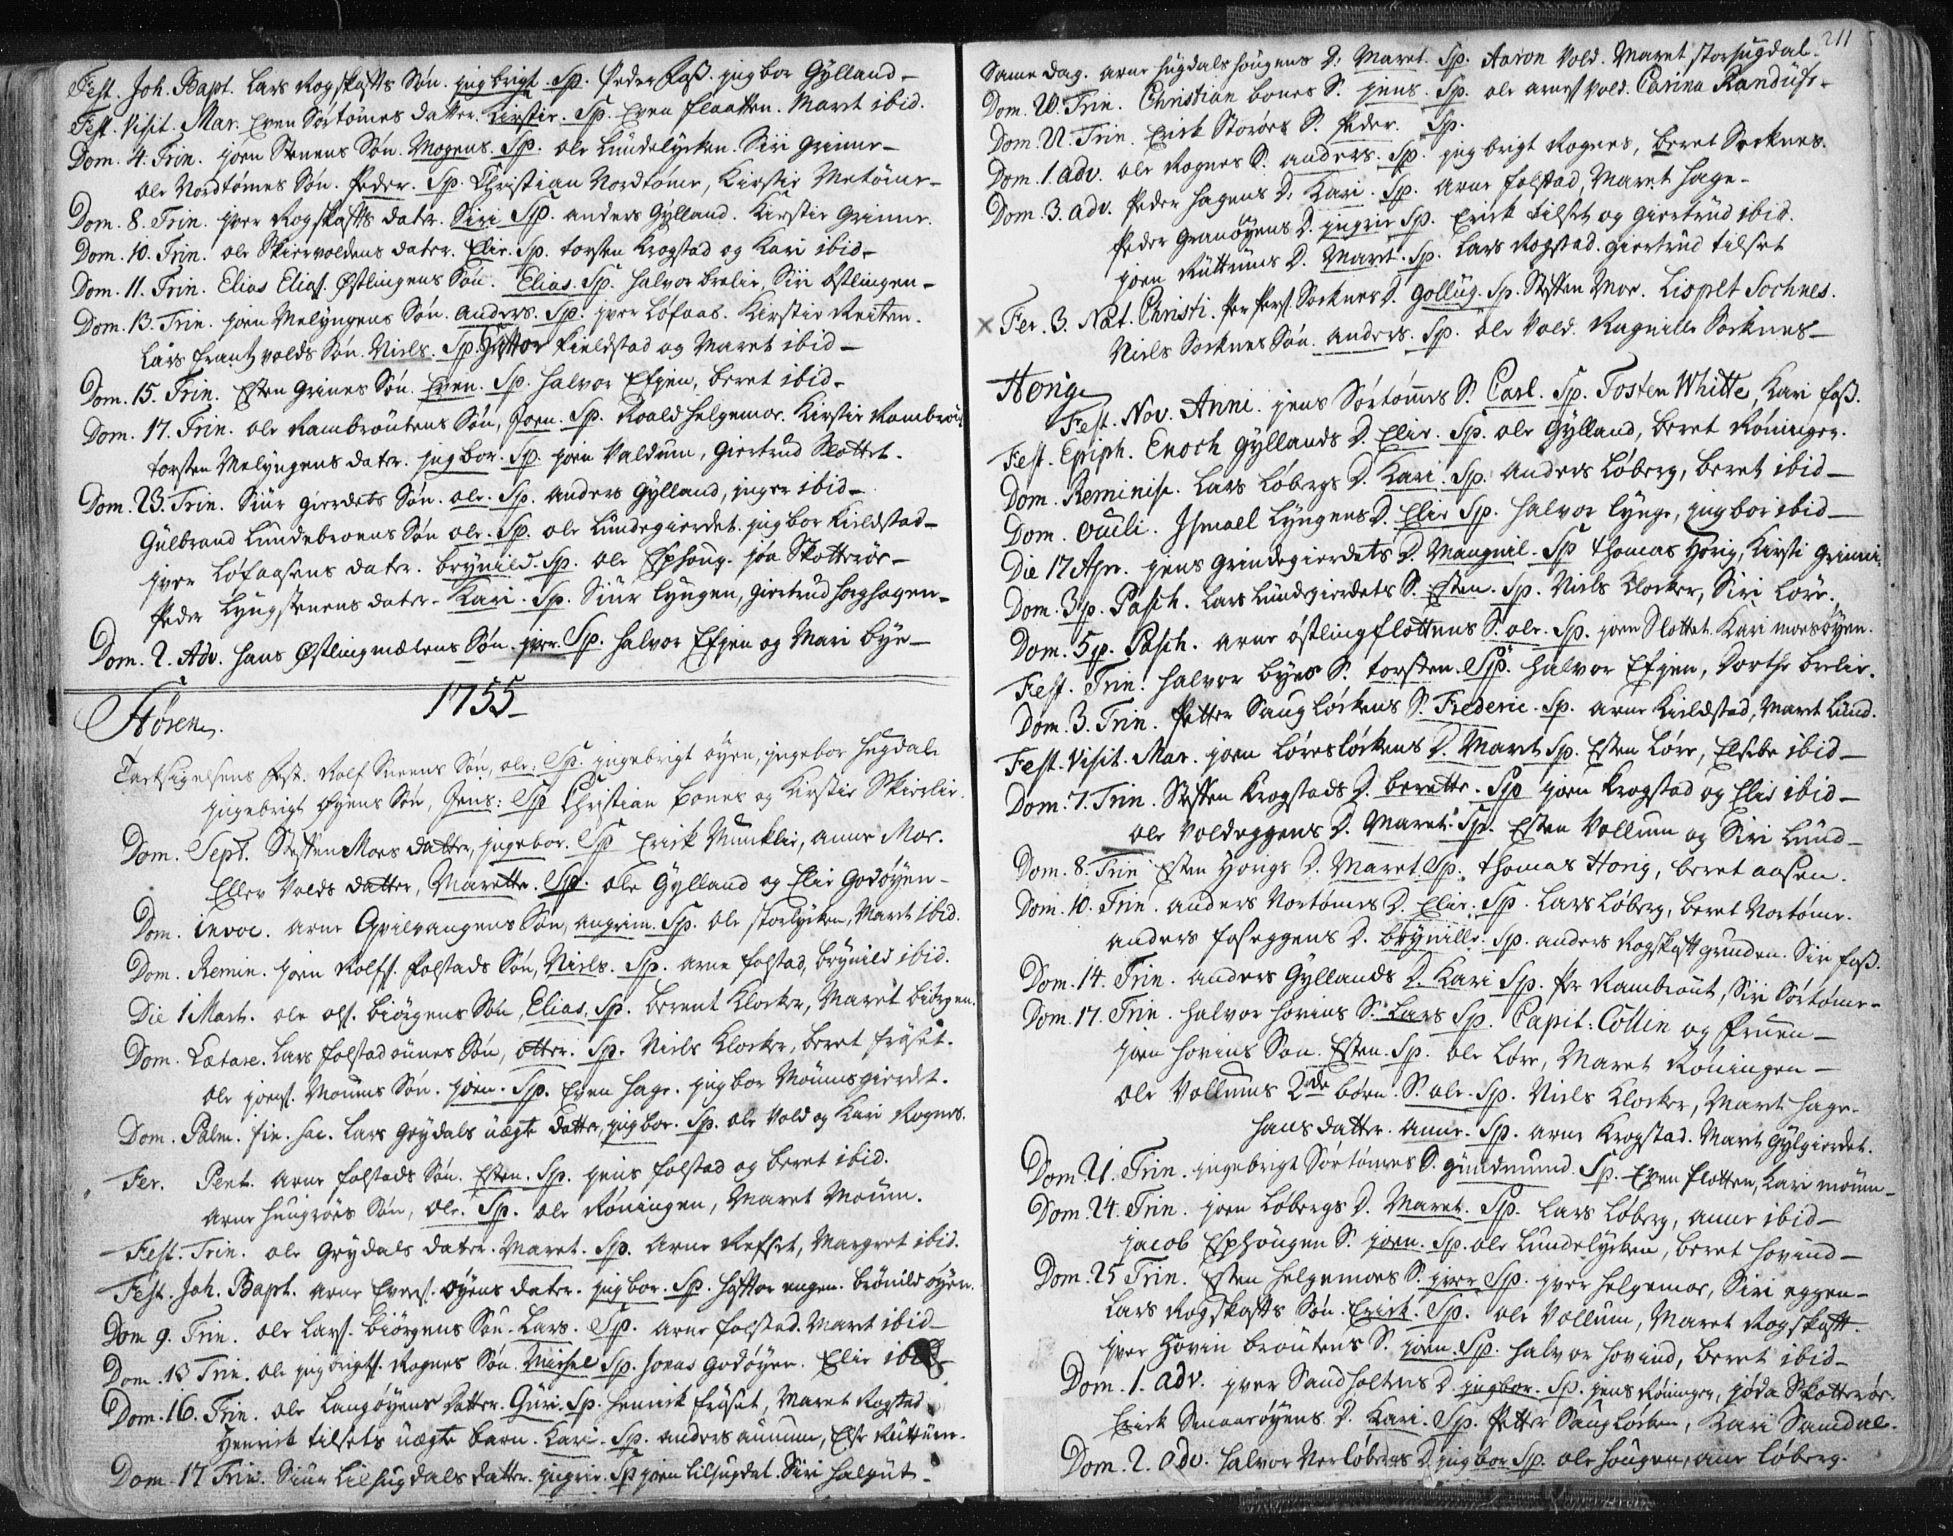 SAT, Ministerialprotokoller, klokkerbøker og fødselsregistre - Sør-Trøndelag, 687/L0991: Ministerialbok nr. 687A02, 1747-1790, s. 211